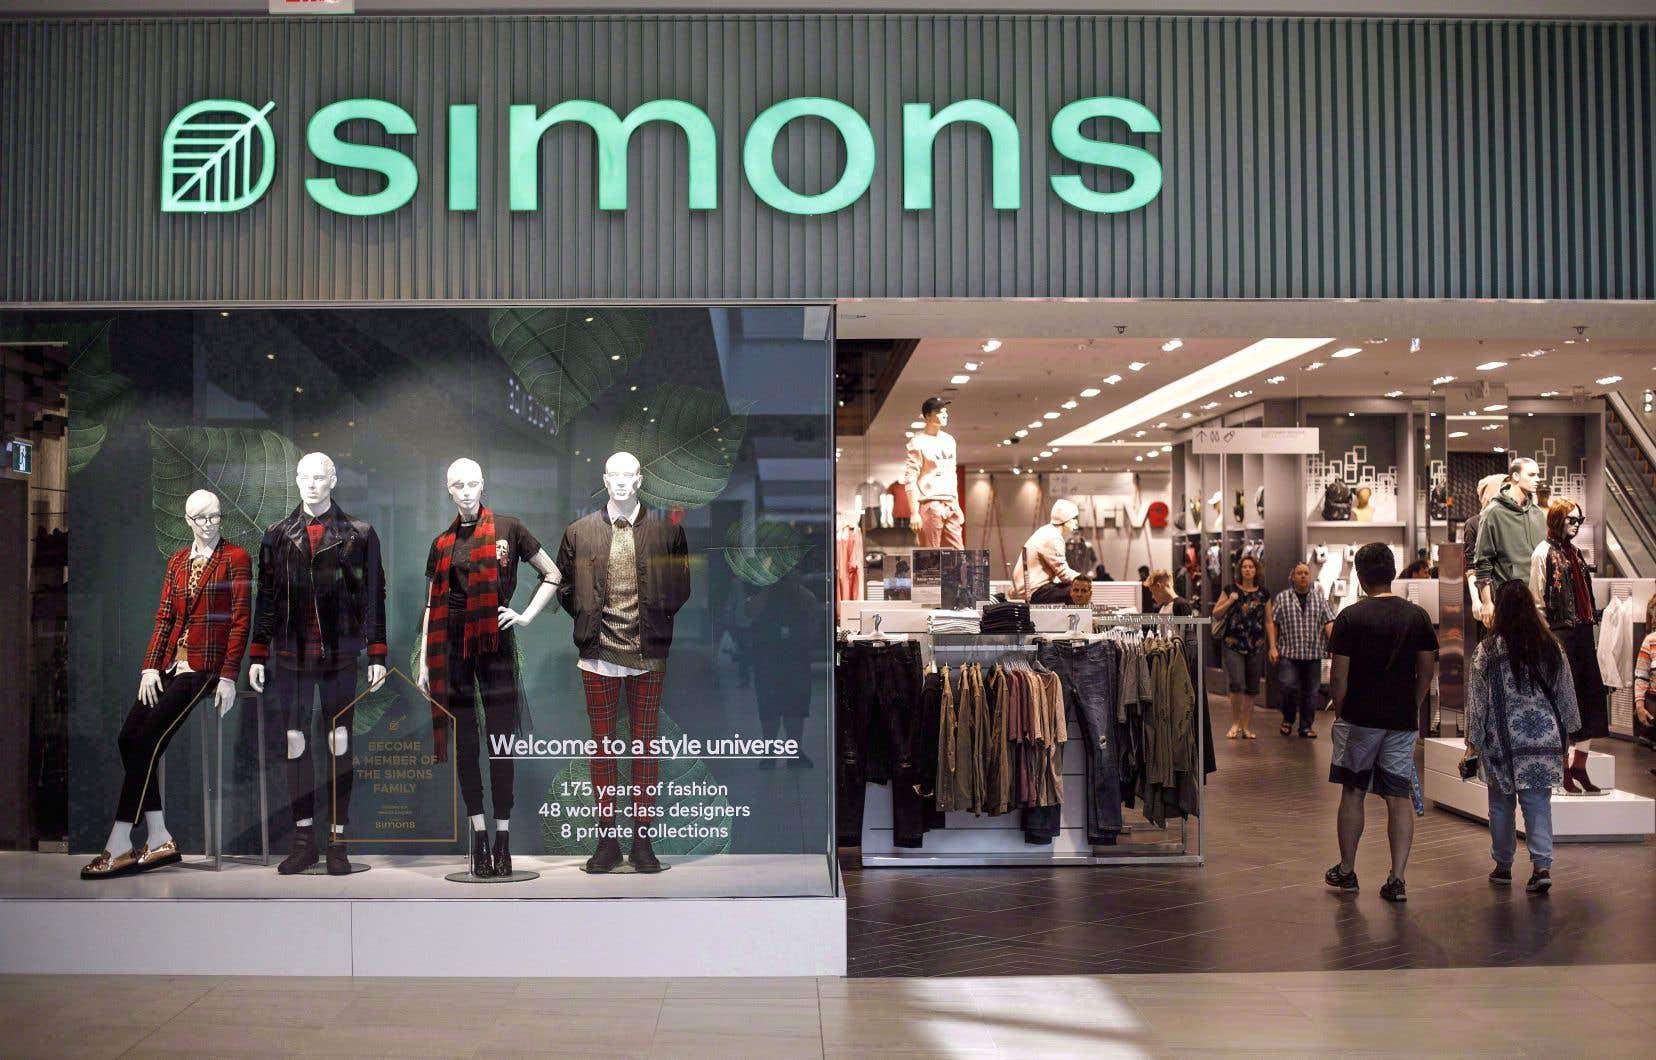 L'entreprise vise l'expansion de ses magasins au Canada, dont neuf sont au Québec, trois sont en Alberta, deux sont en Ontario et un est en Colombie-Britannique.